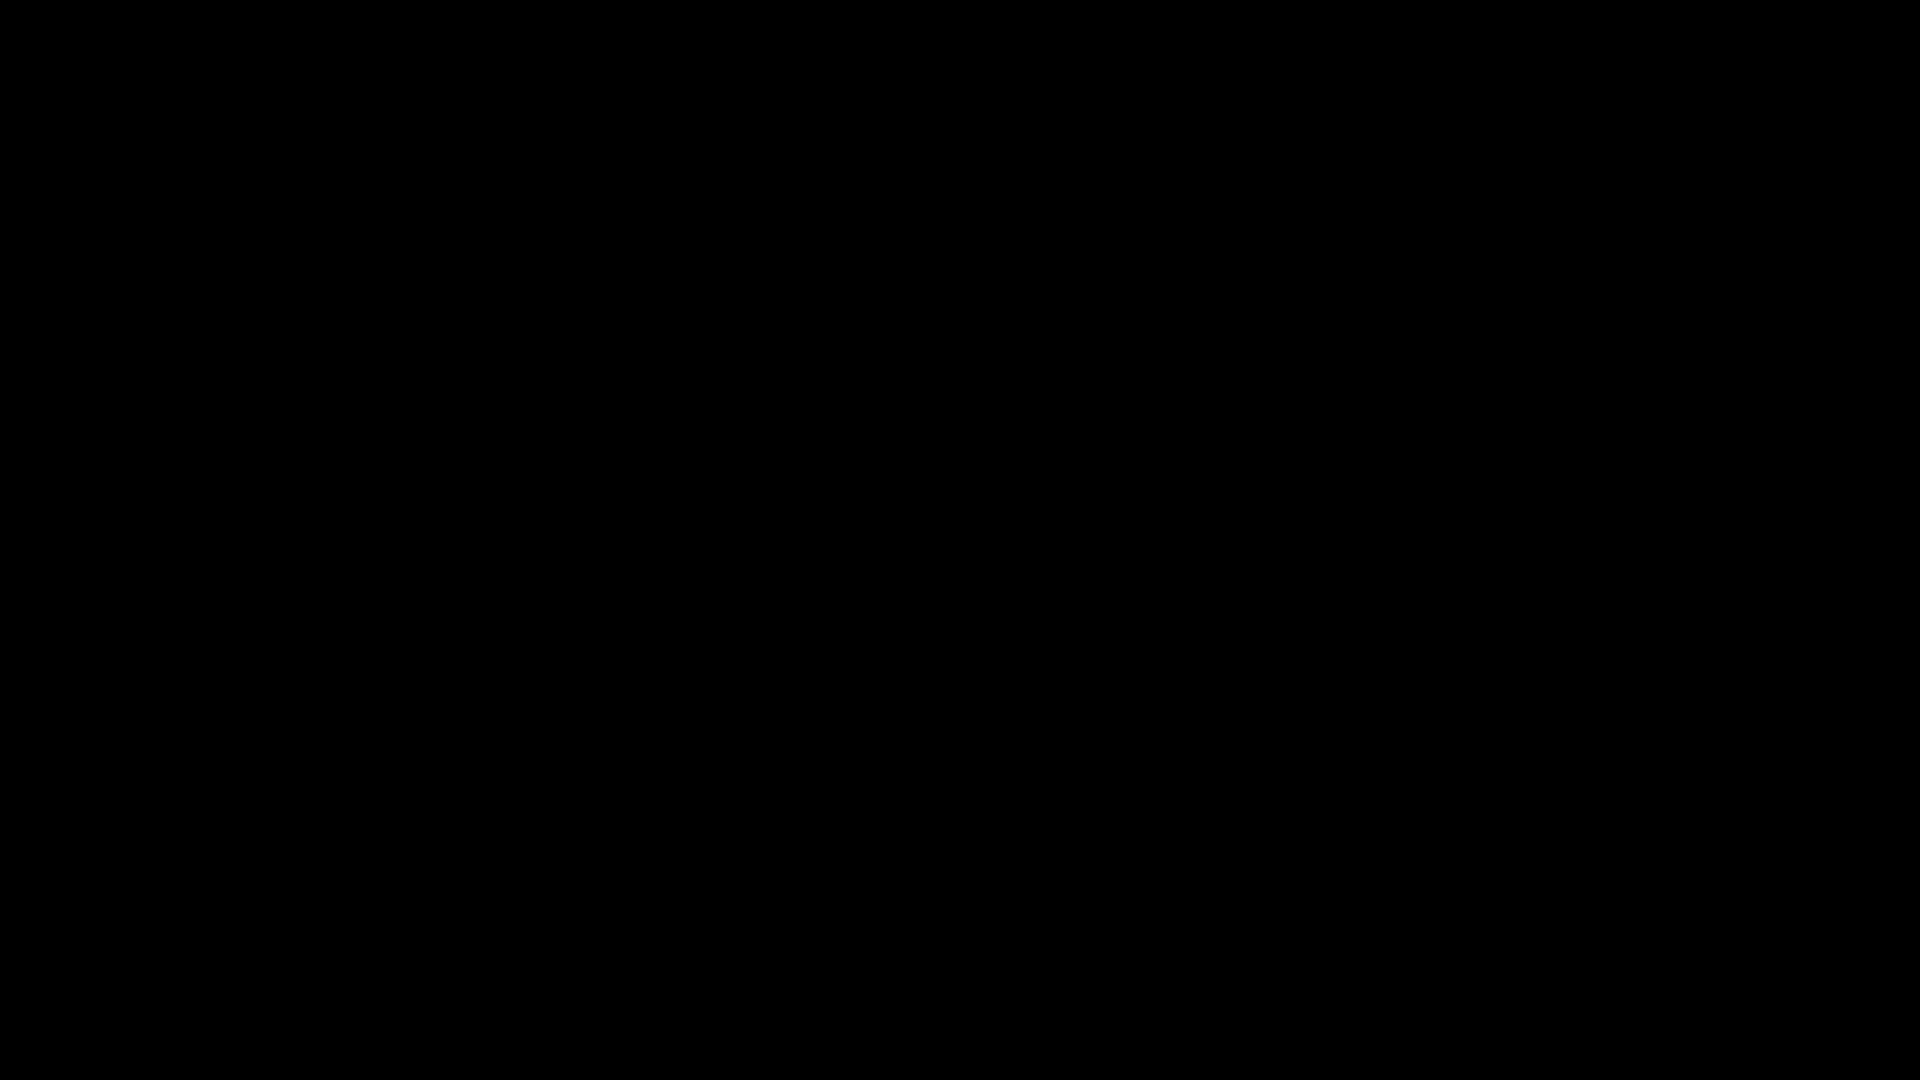 お姉さんの恥便所盗撮! Vol.29 盗撮 アダルト動画キャプチャ 105PIX 32